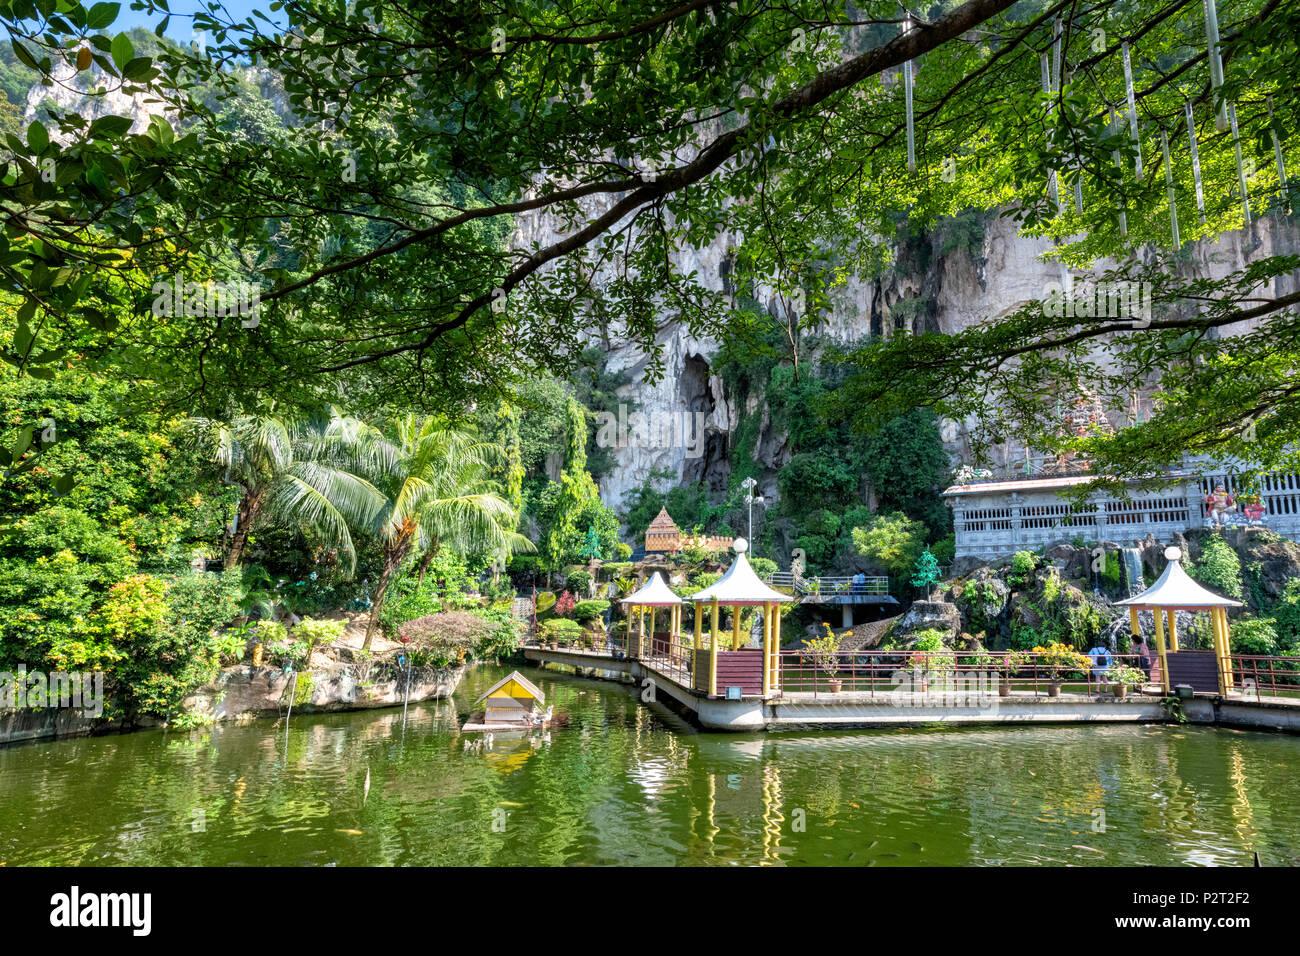 L'acqua da giardino presso il tempio indù a Grotte Batu a Gombak vicino a Kuala Lumpur in Malesia Immagini Stock